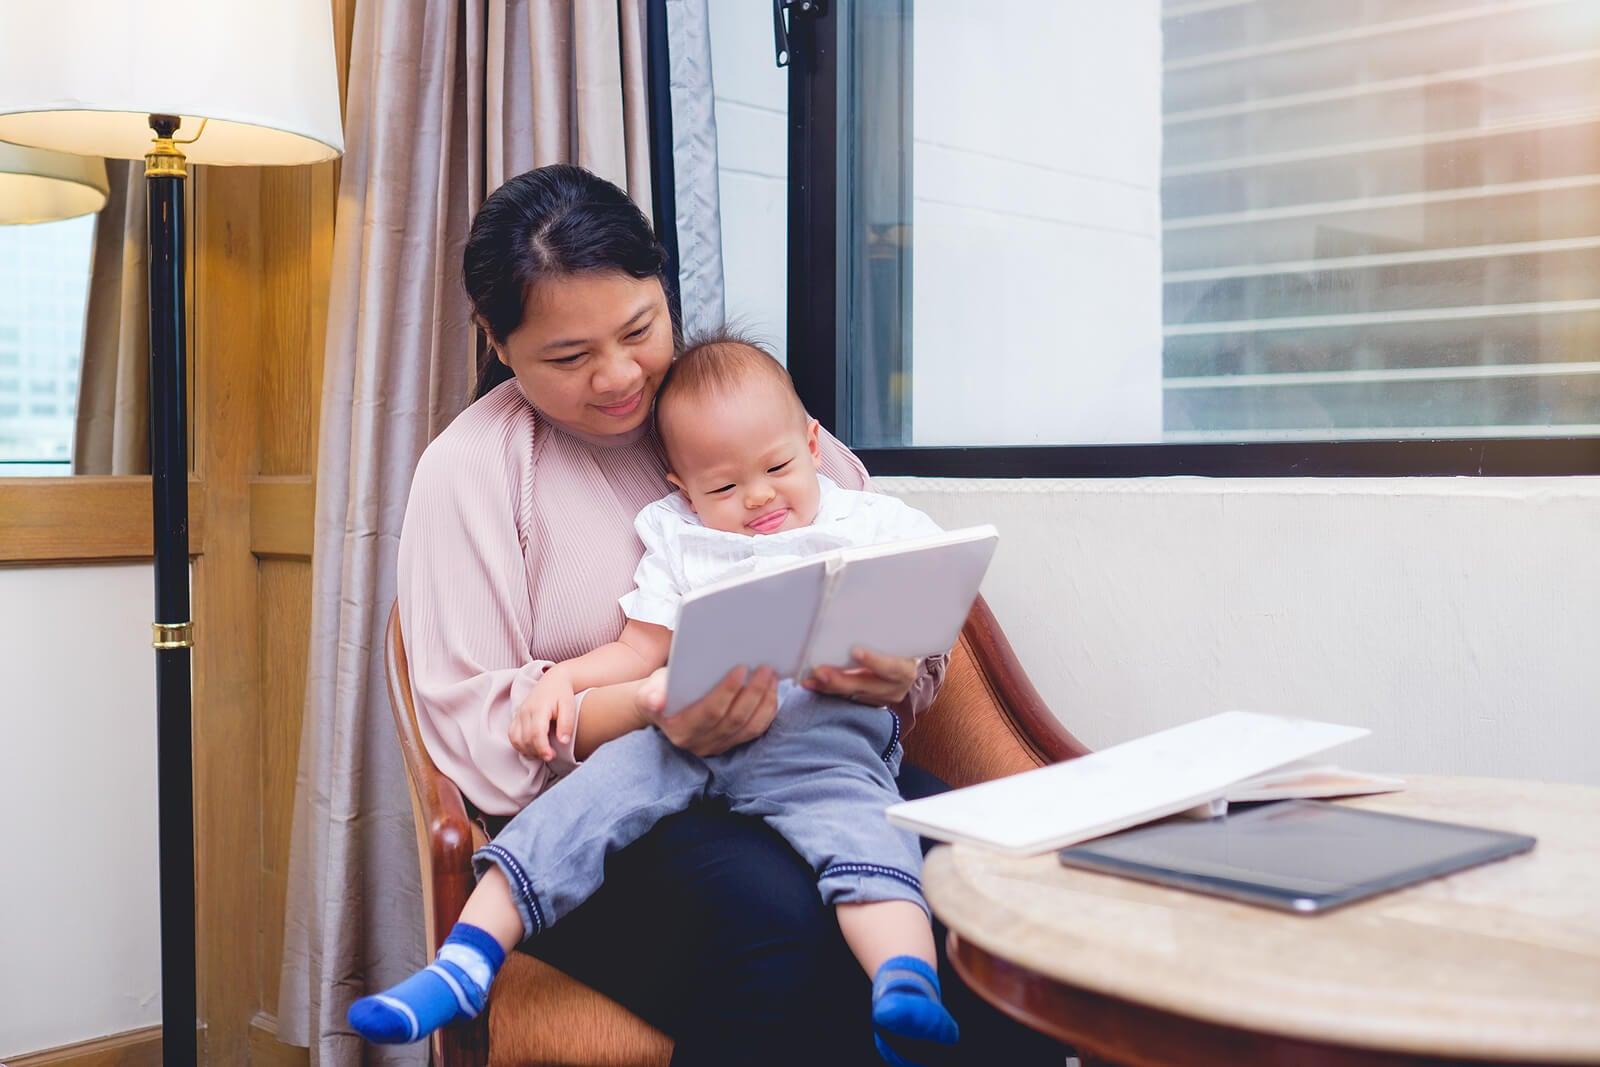 Mamá leyendo un libro de poesía infantil a su bebé.